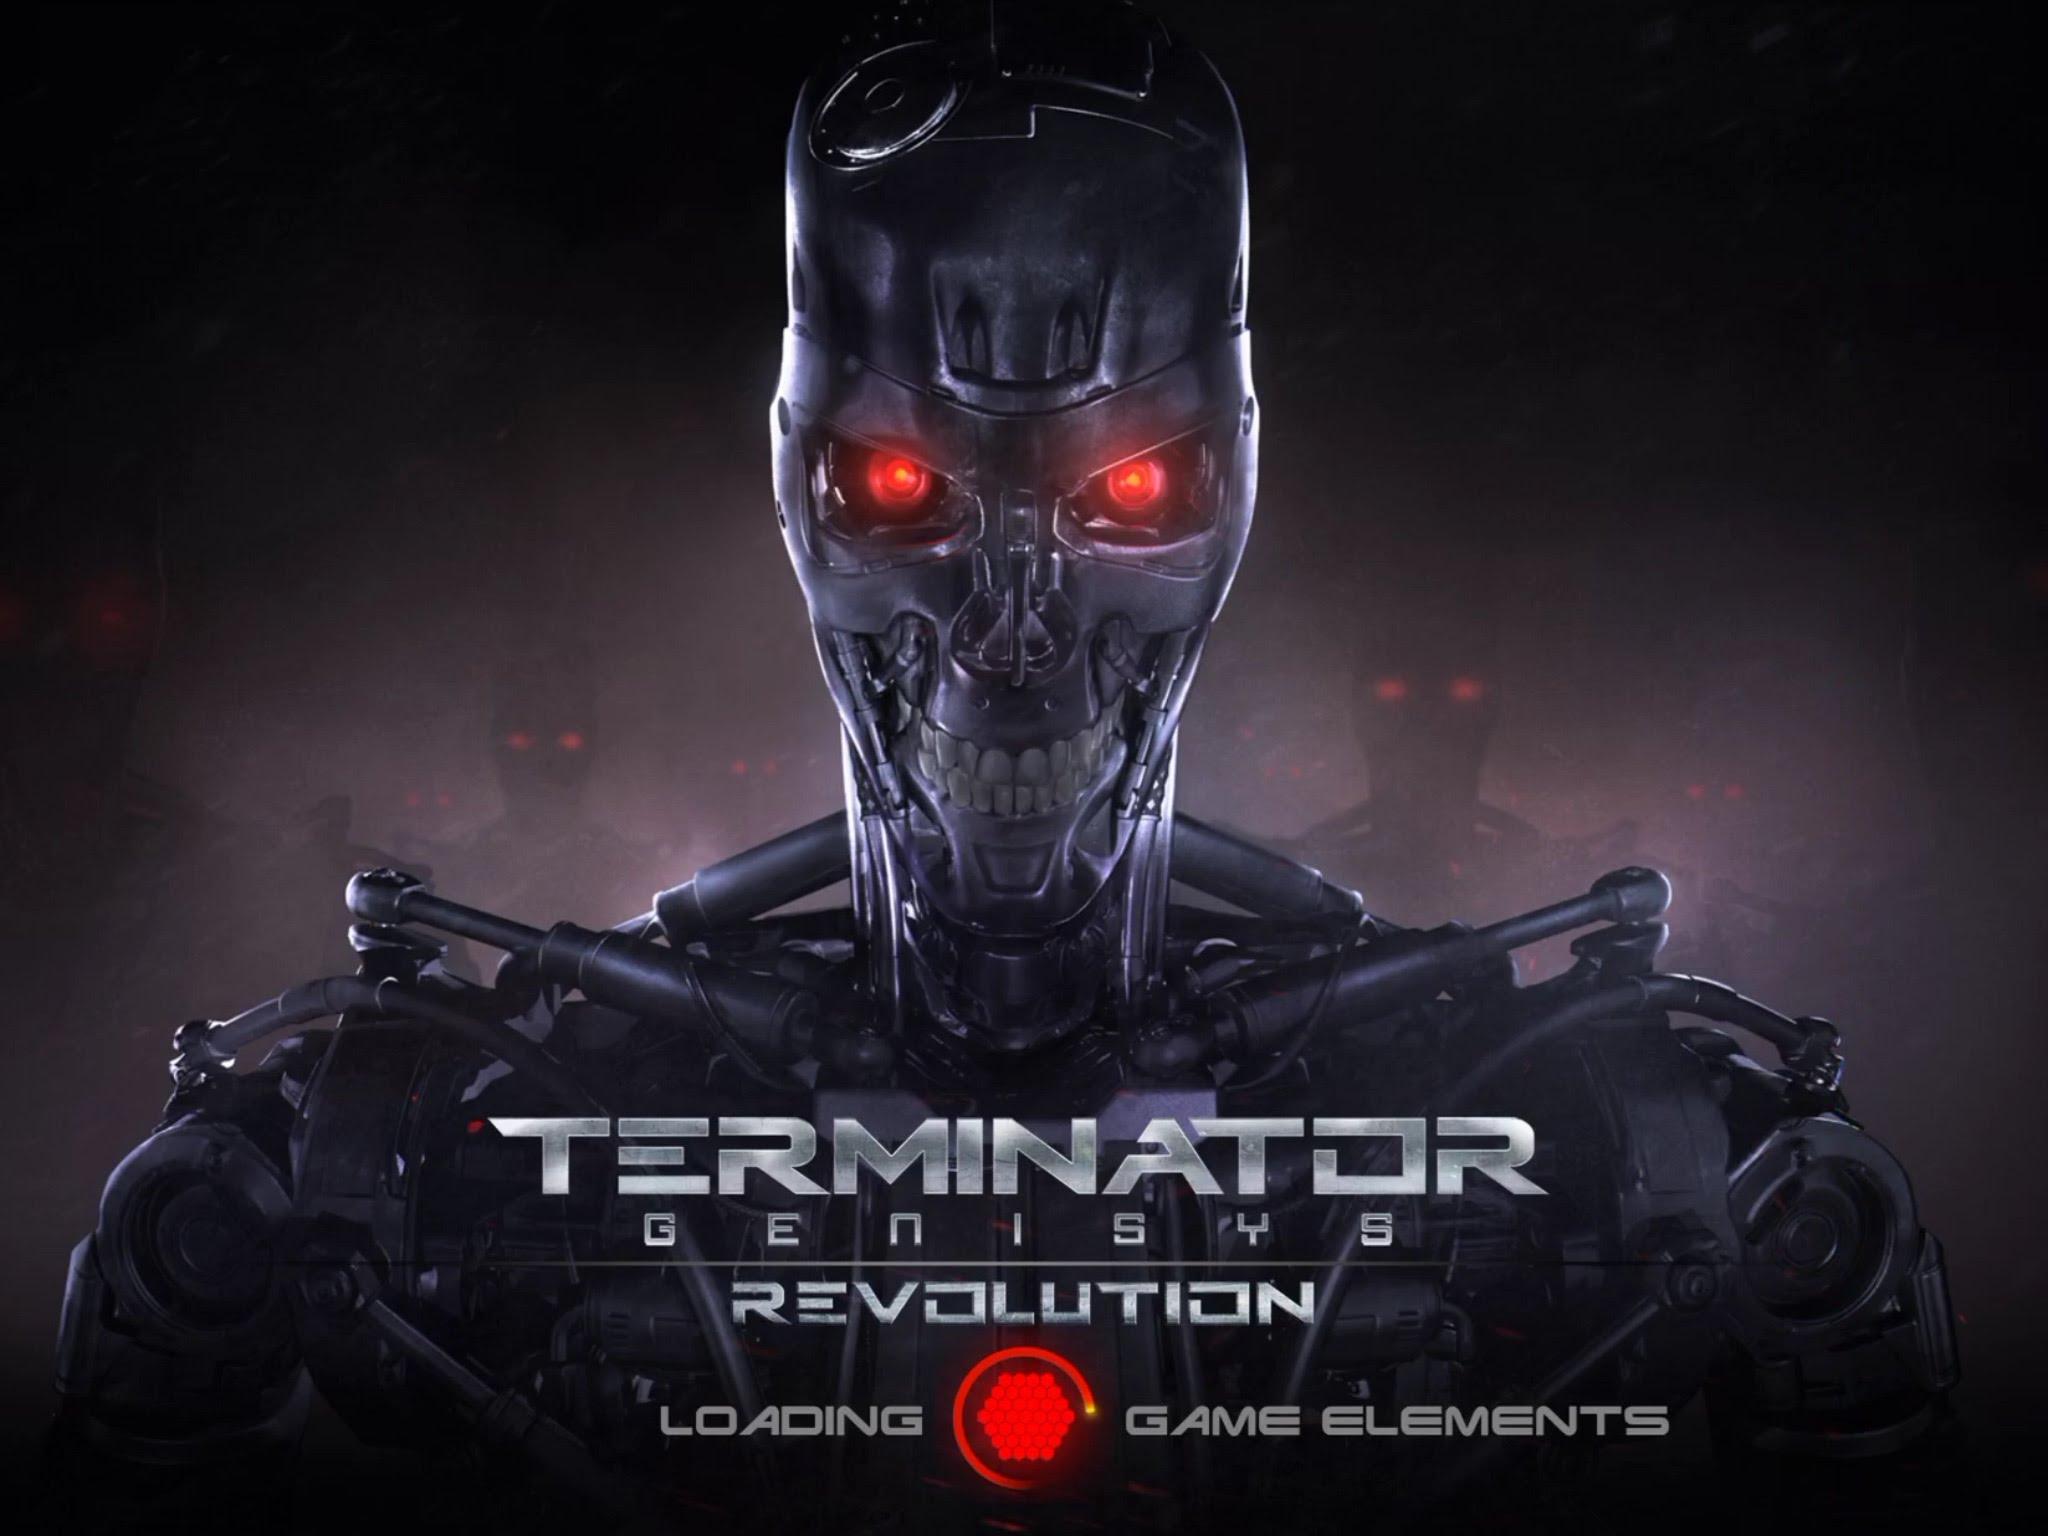 Terminator Genesys-Revolution-avrmagazine